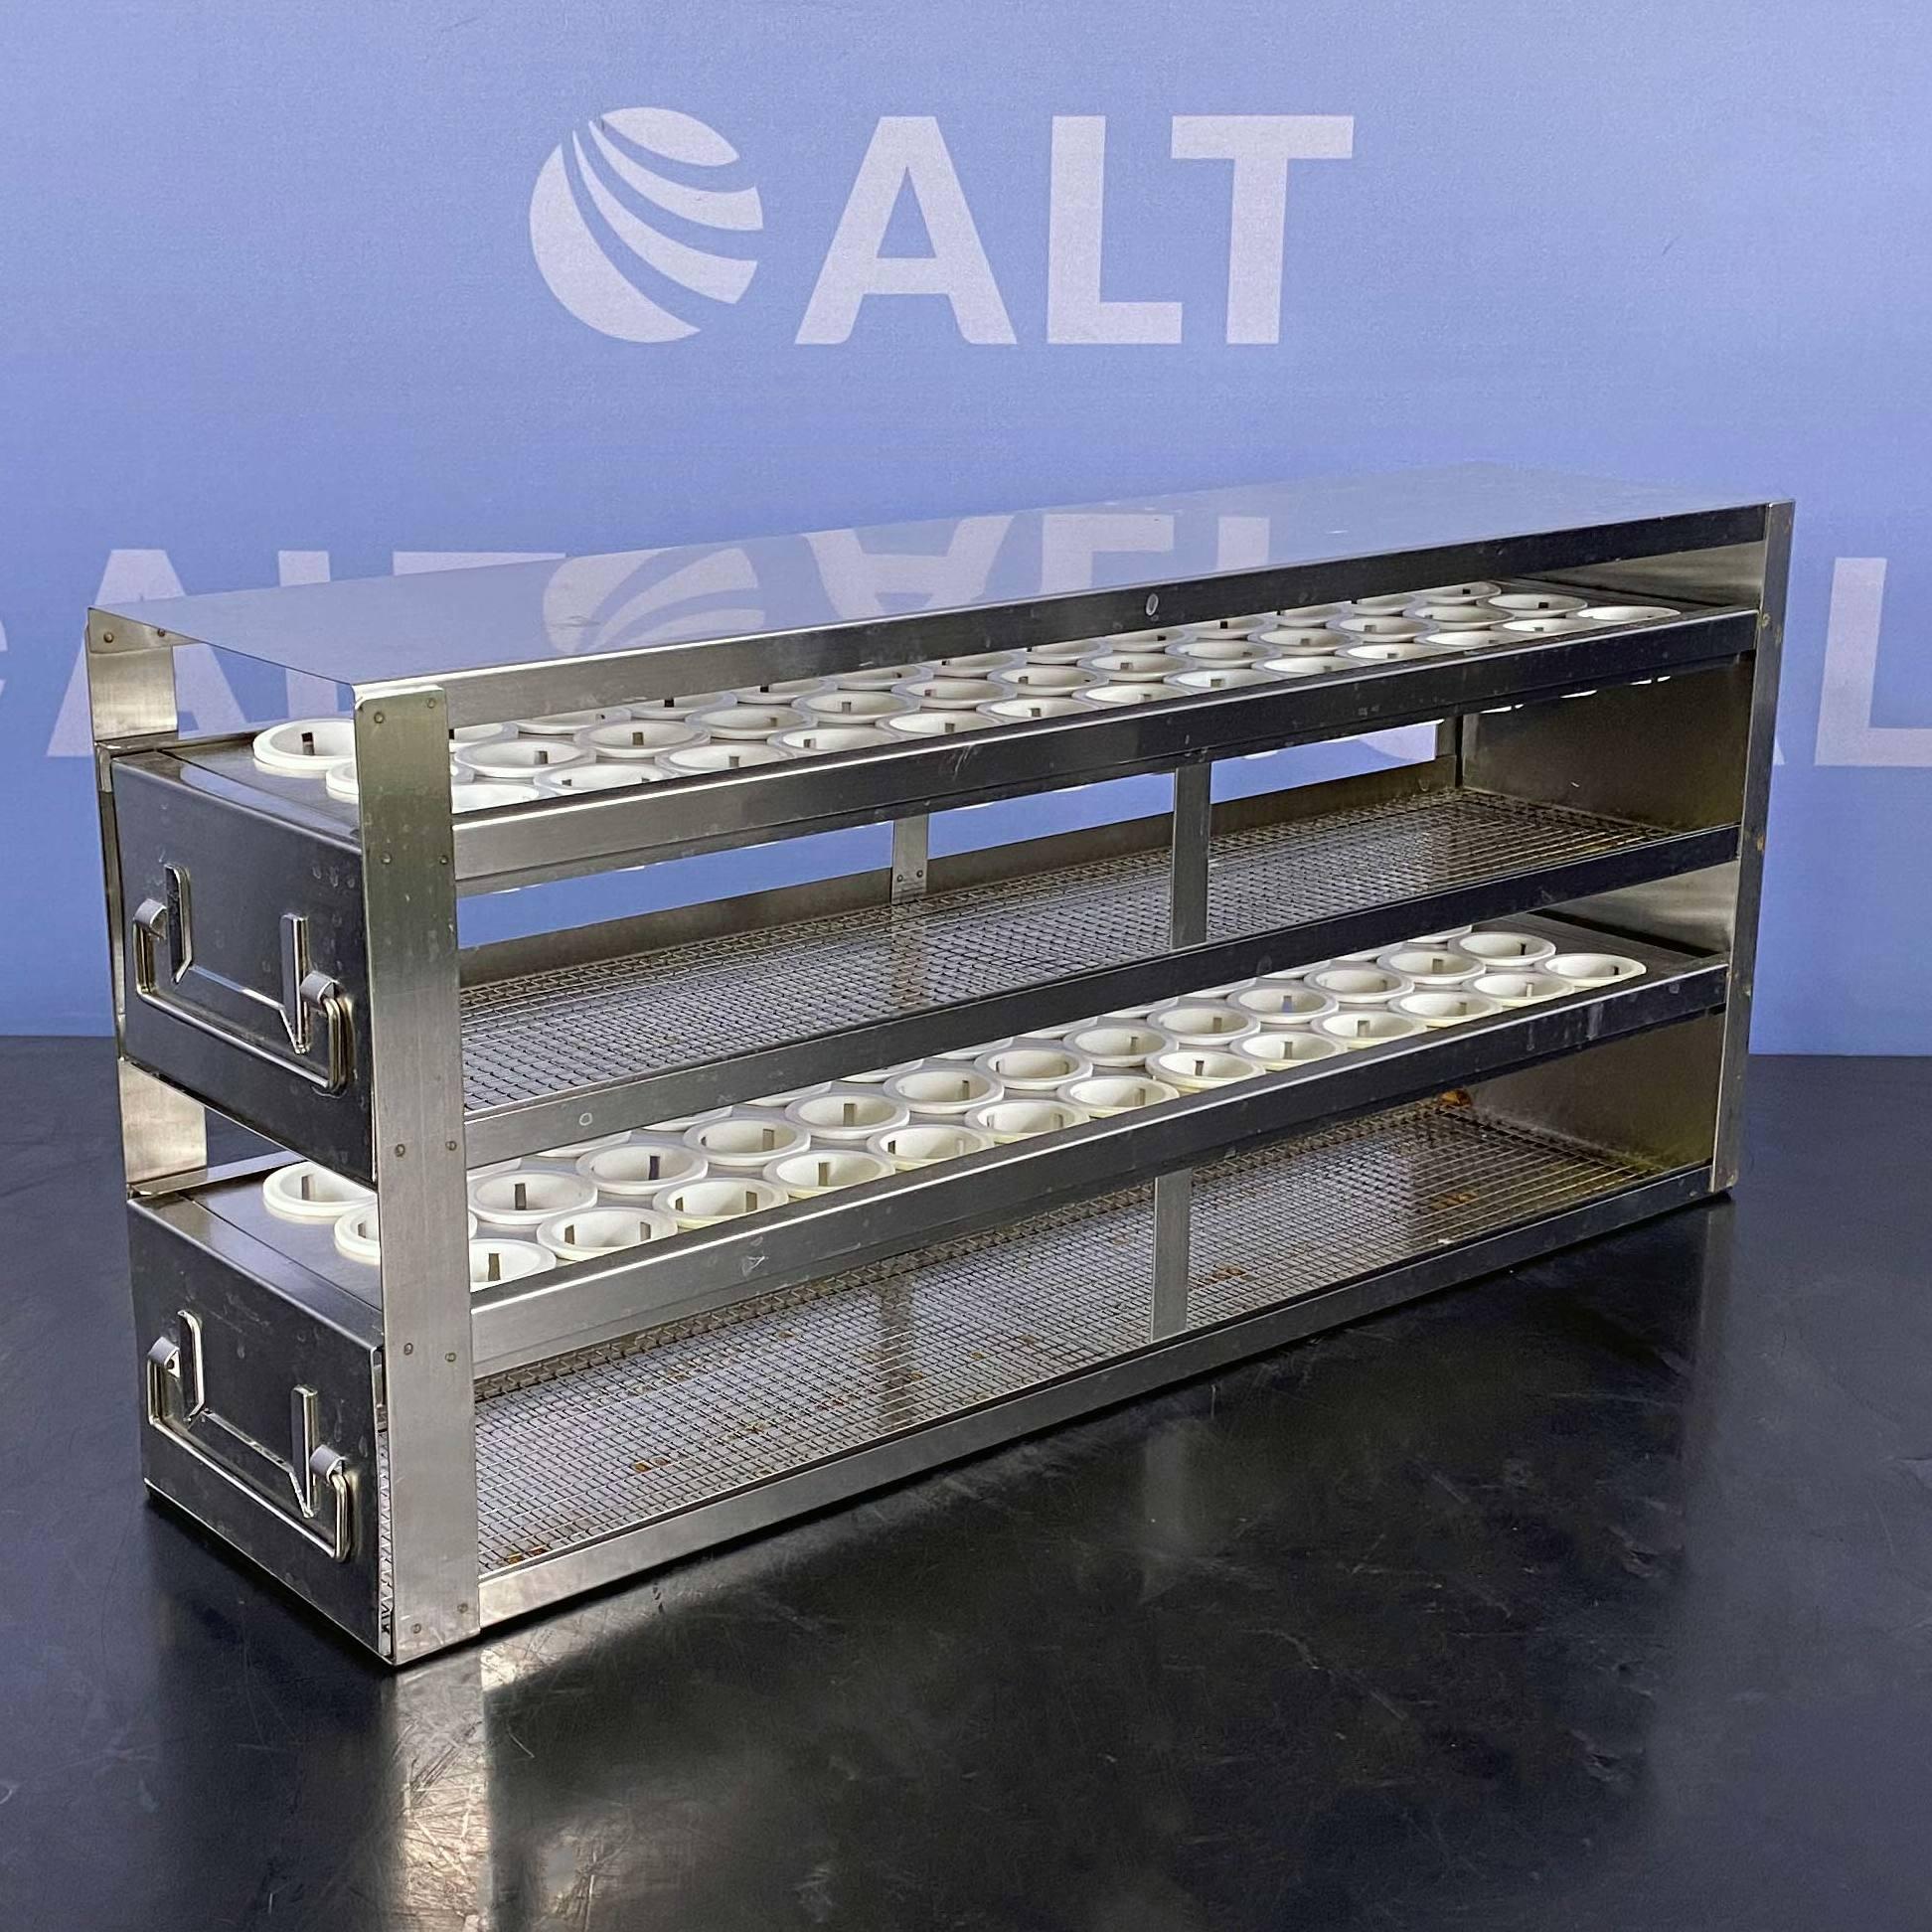 PolarSafe Upright Freezer Drawer Rack for 50 mL Centrifuge Tubes; 2 Drawers, Holds 78 Tubes Name